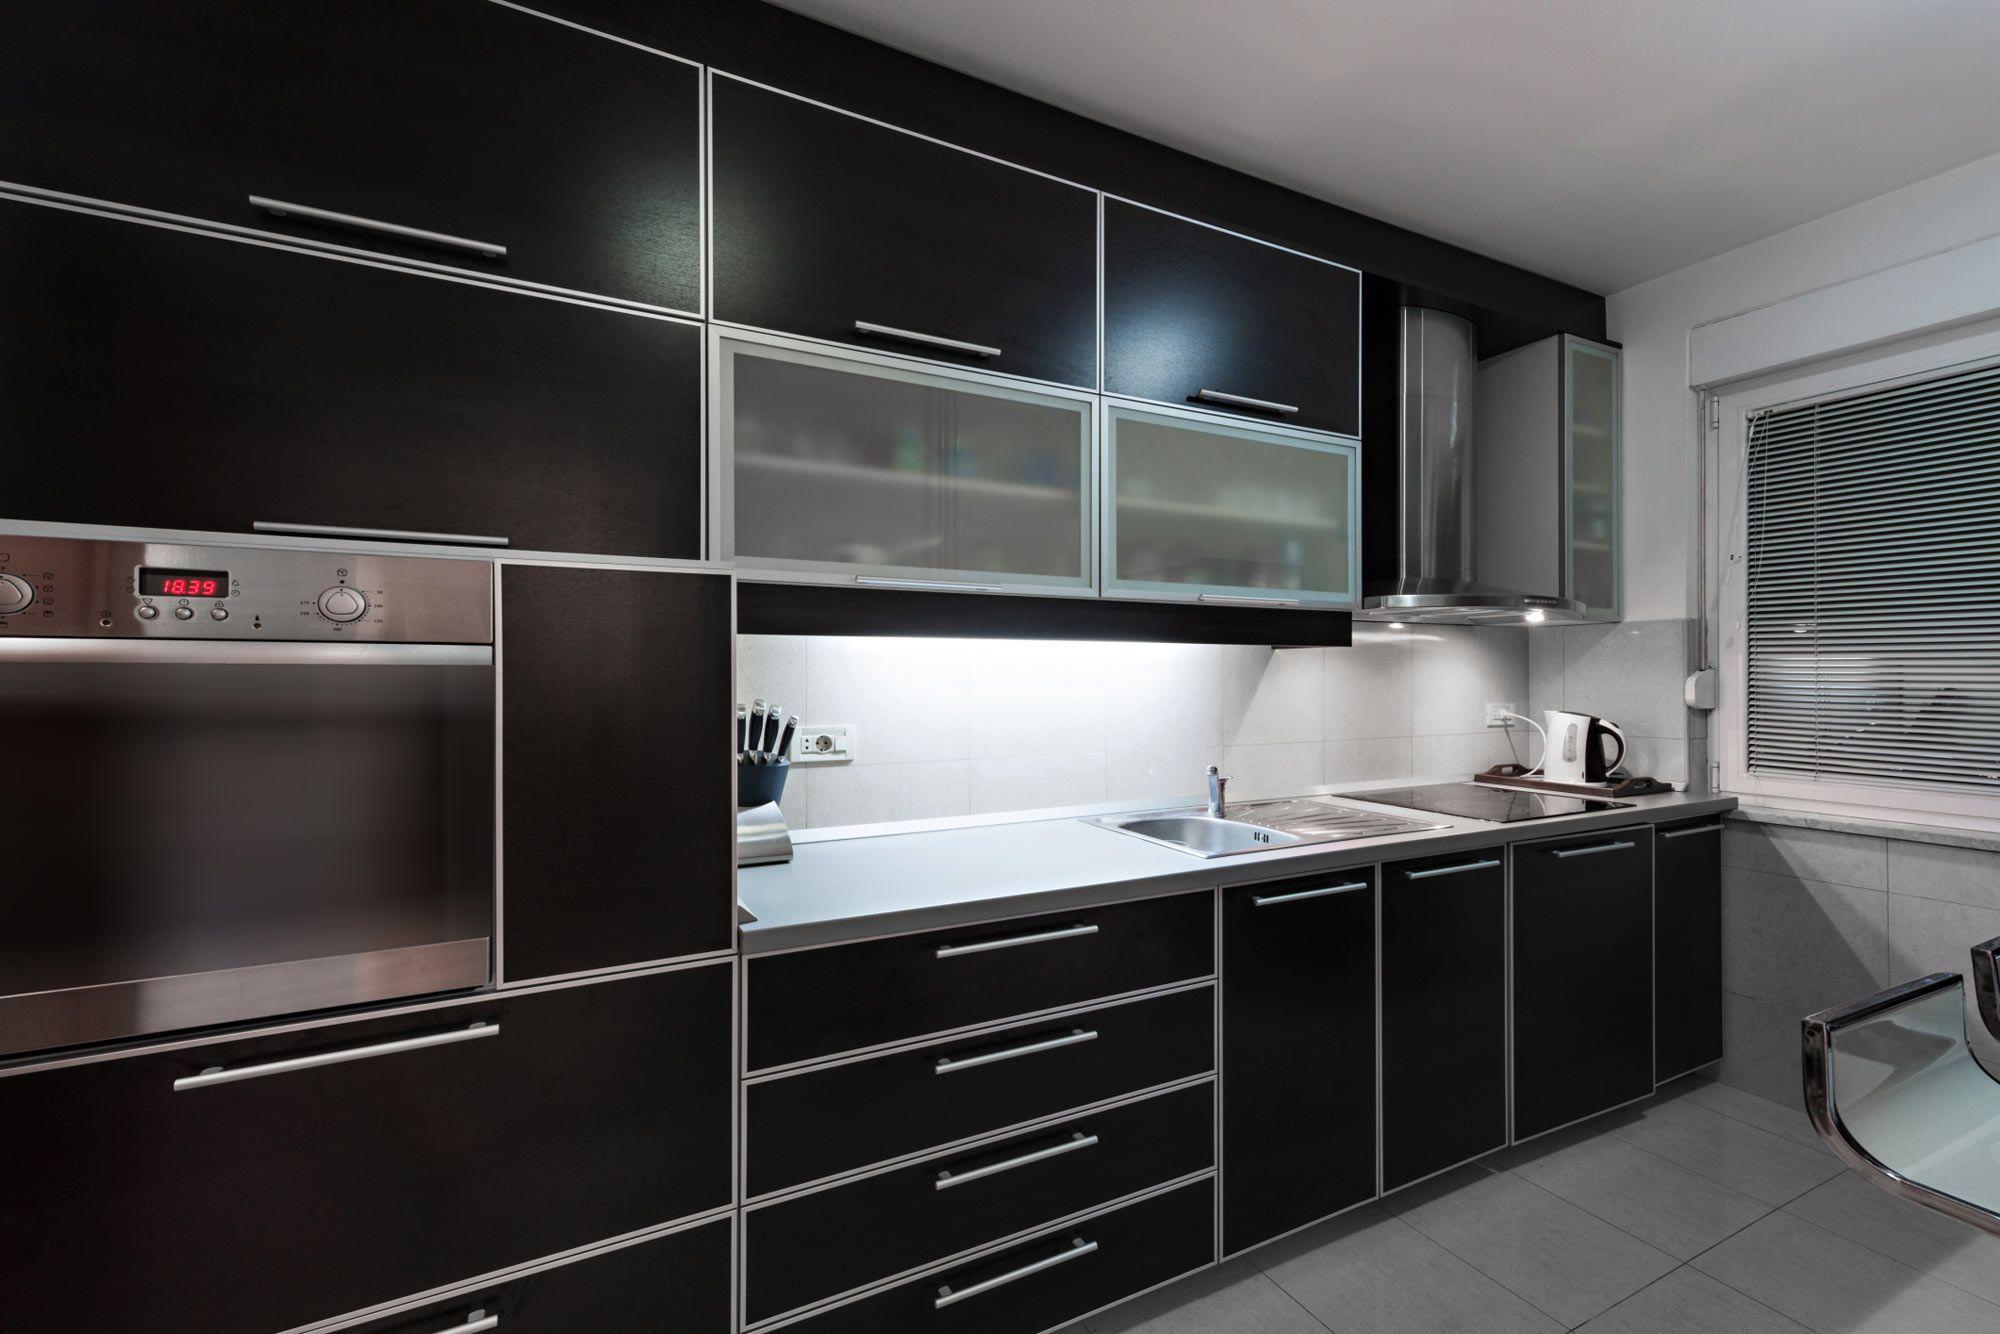 cocina alargada negra y gris hogarmania On cocinas moradas y negras